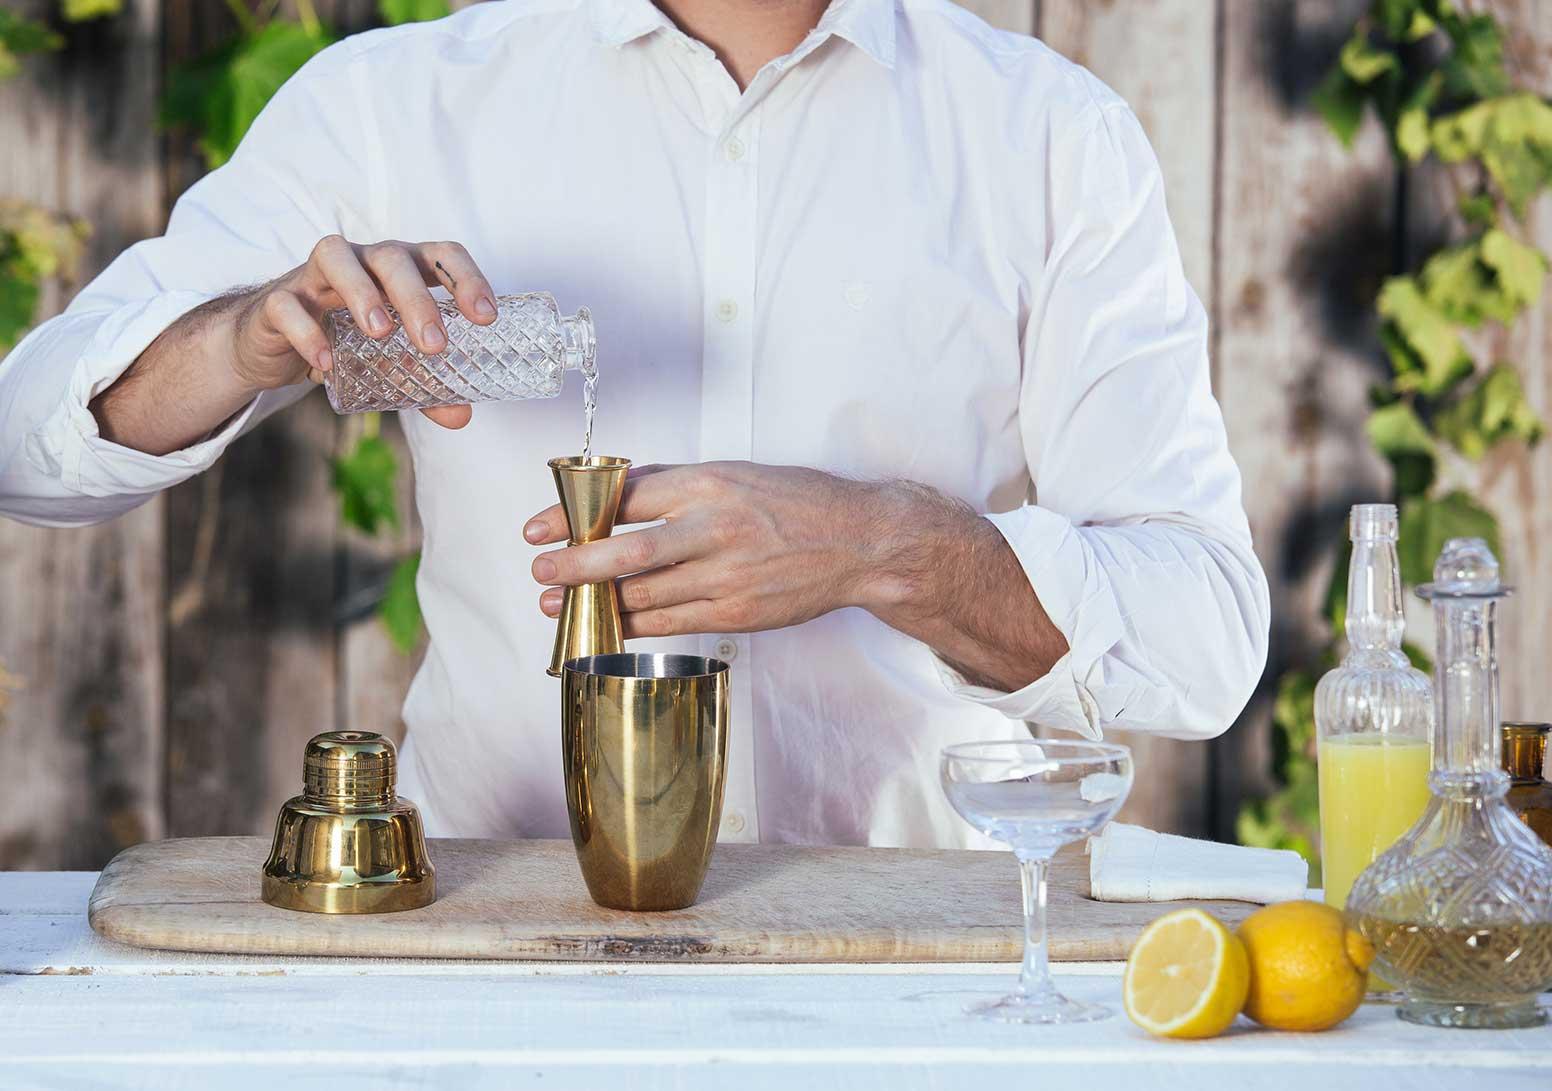 sugar lemon barman jigger